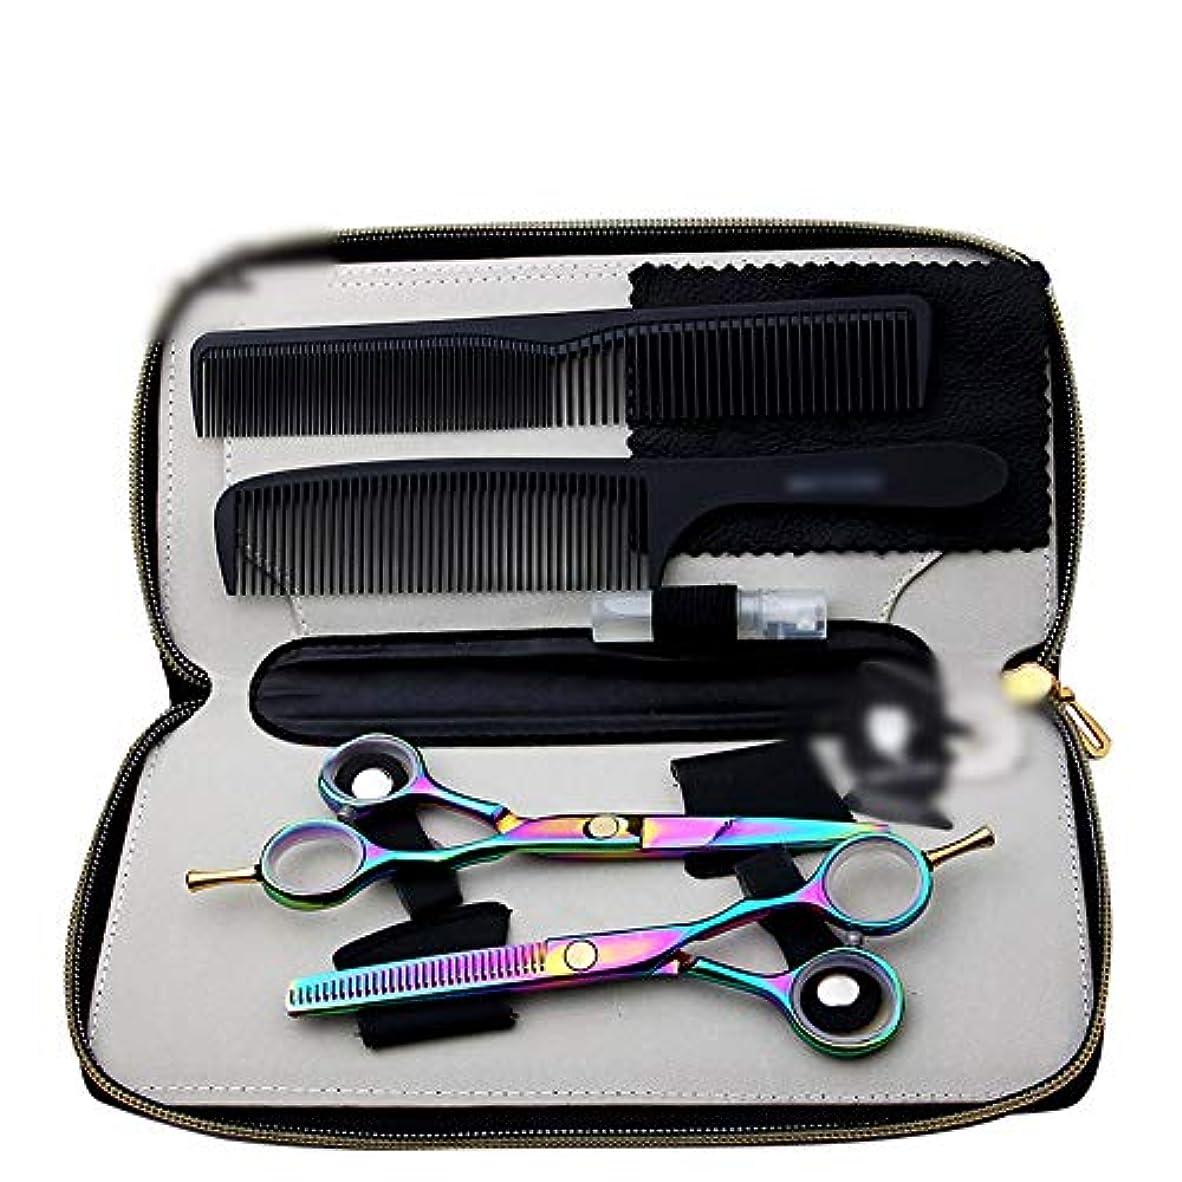 同僚苗第カラフルな5.5インチはさみセット、カラープロフェッショナル理髪はさみ、フラット+歯シザーツールセット モデリングツール (色 : 色)